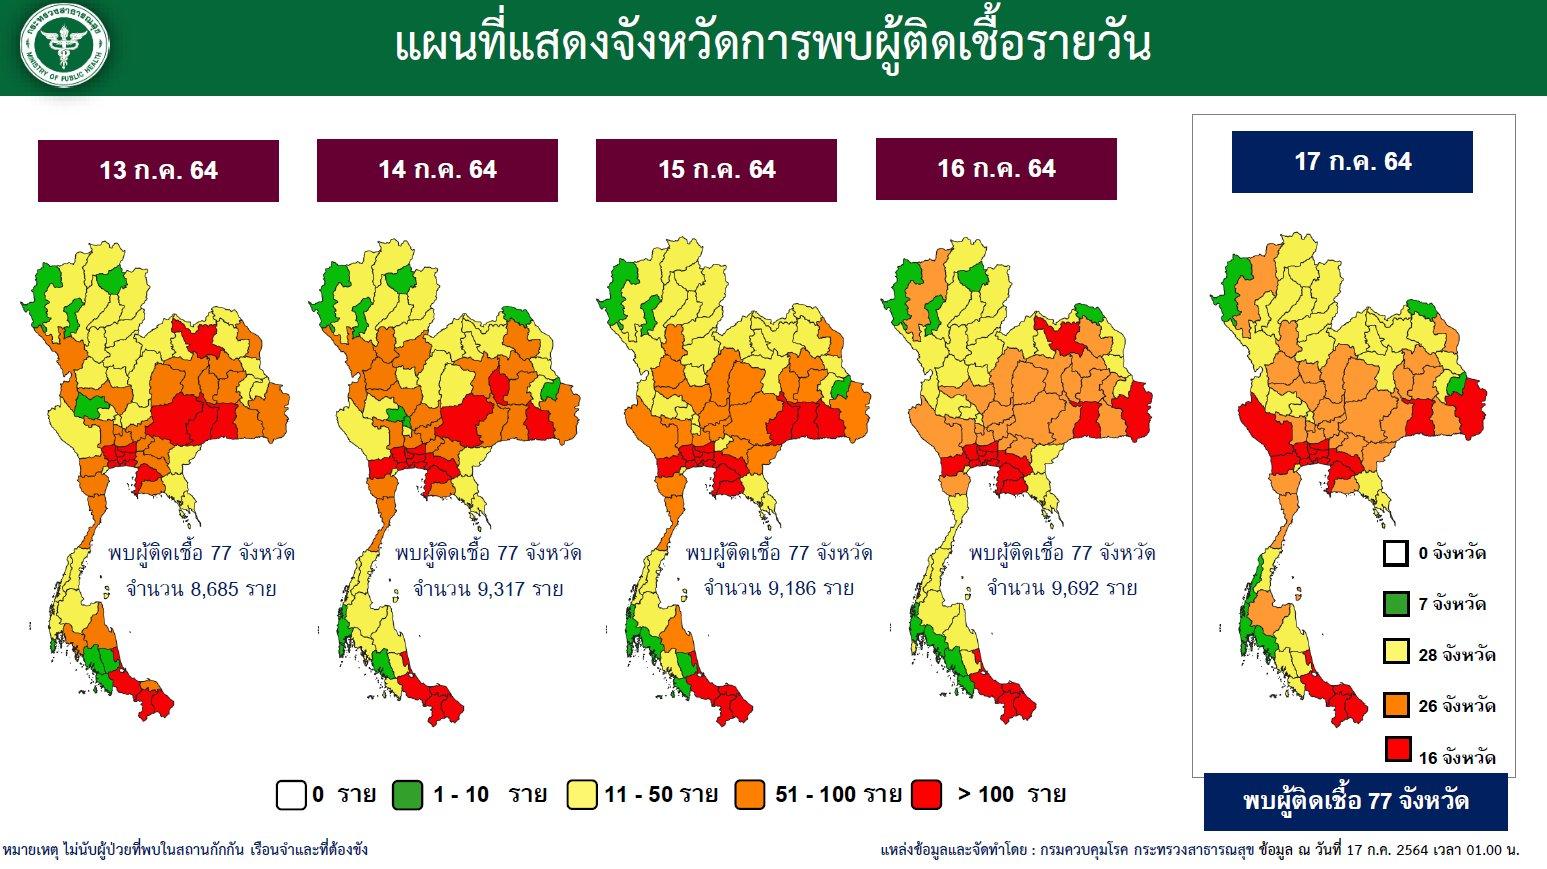 www.thaiguide.dk/images/forum/covid19/spredning%2017-07-21.jpg